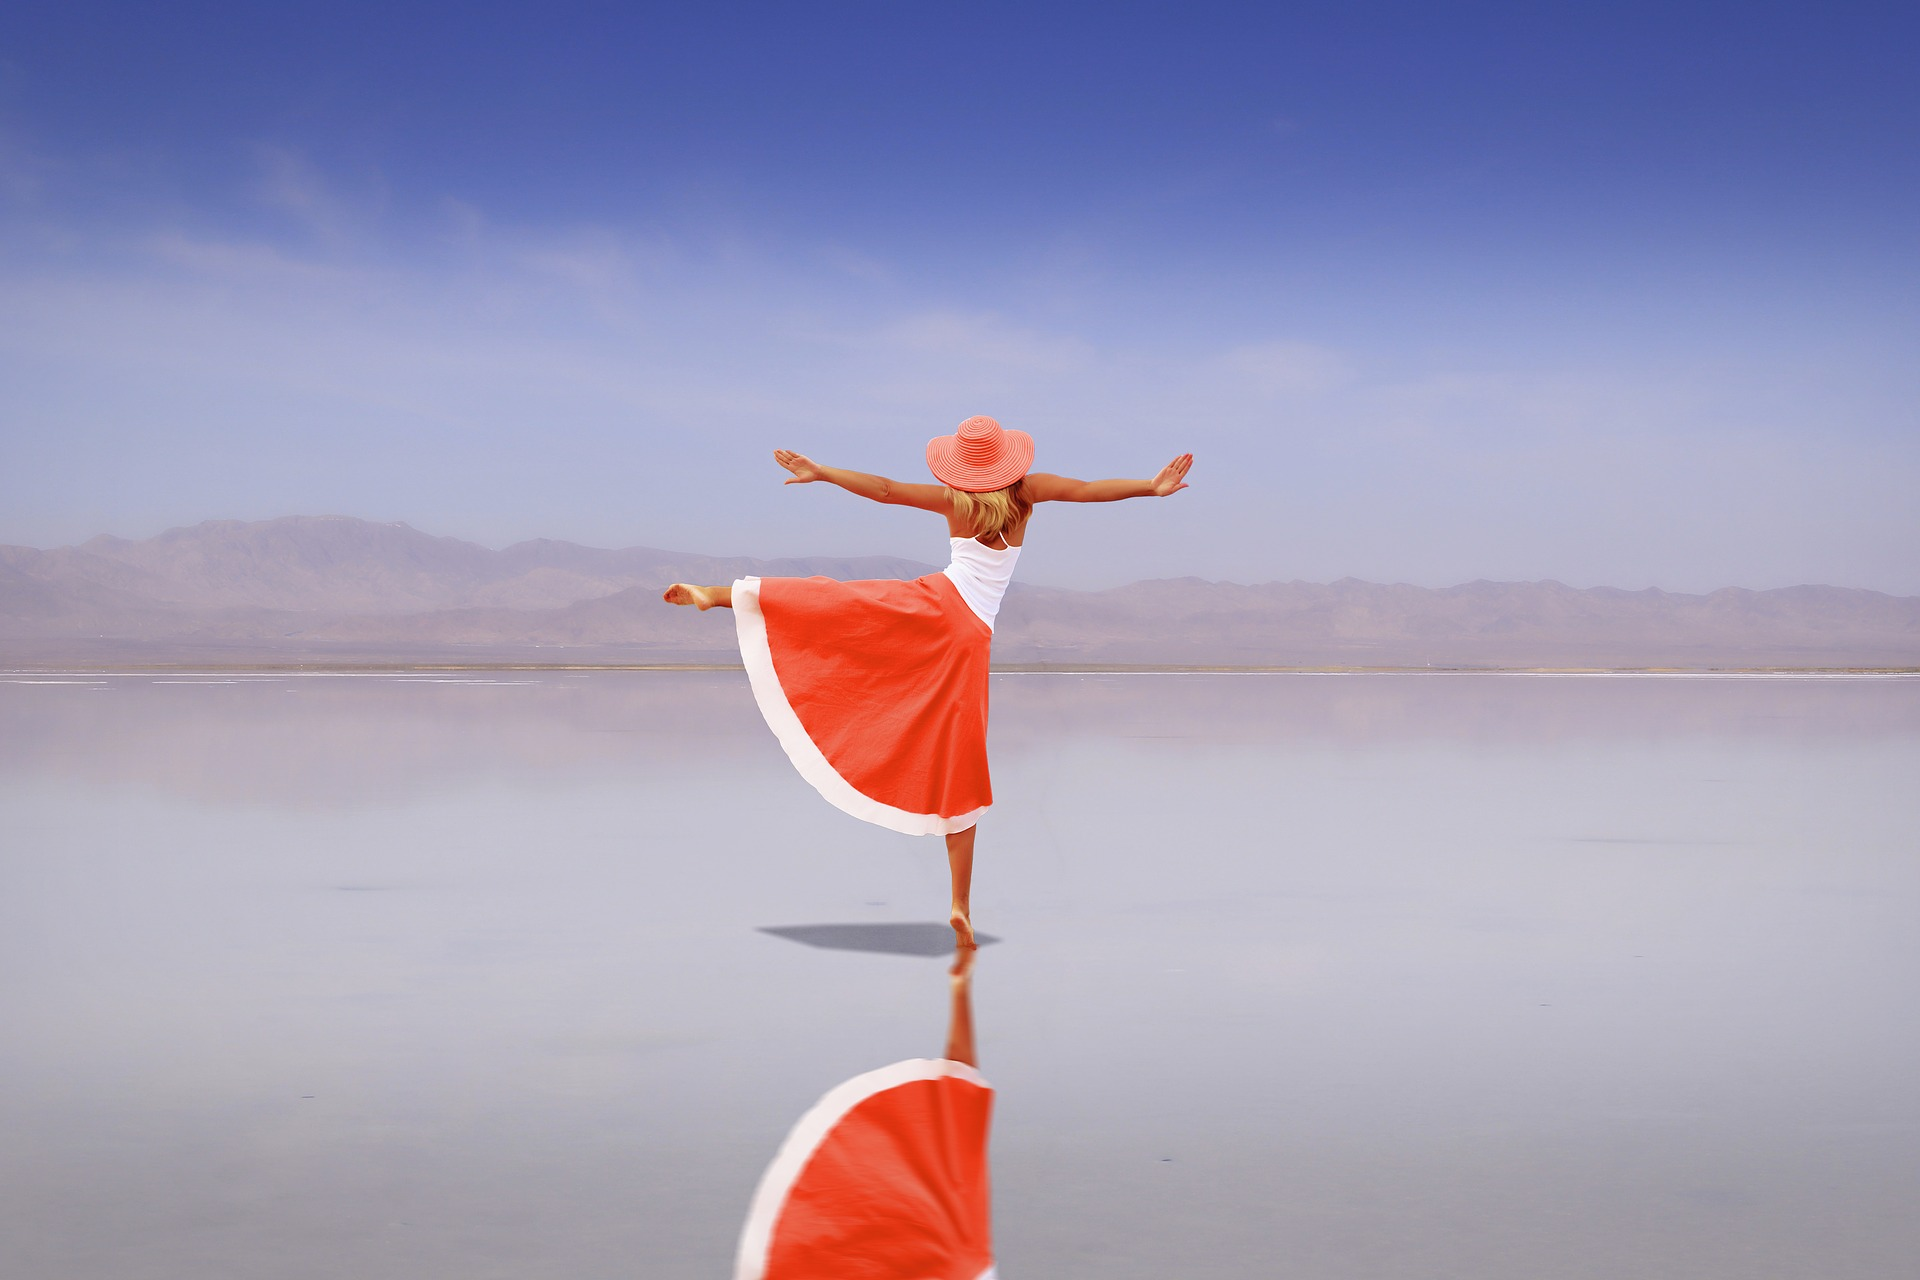 Er du klar for folde deg ut og leve livet i samsvar med den du virkelig er? // Are you ready to unfold and live life in alignment with who you truly are?